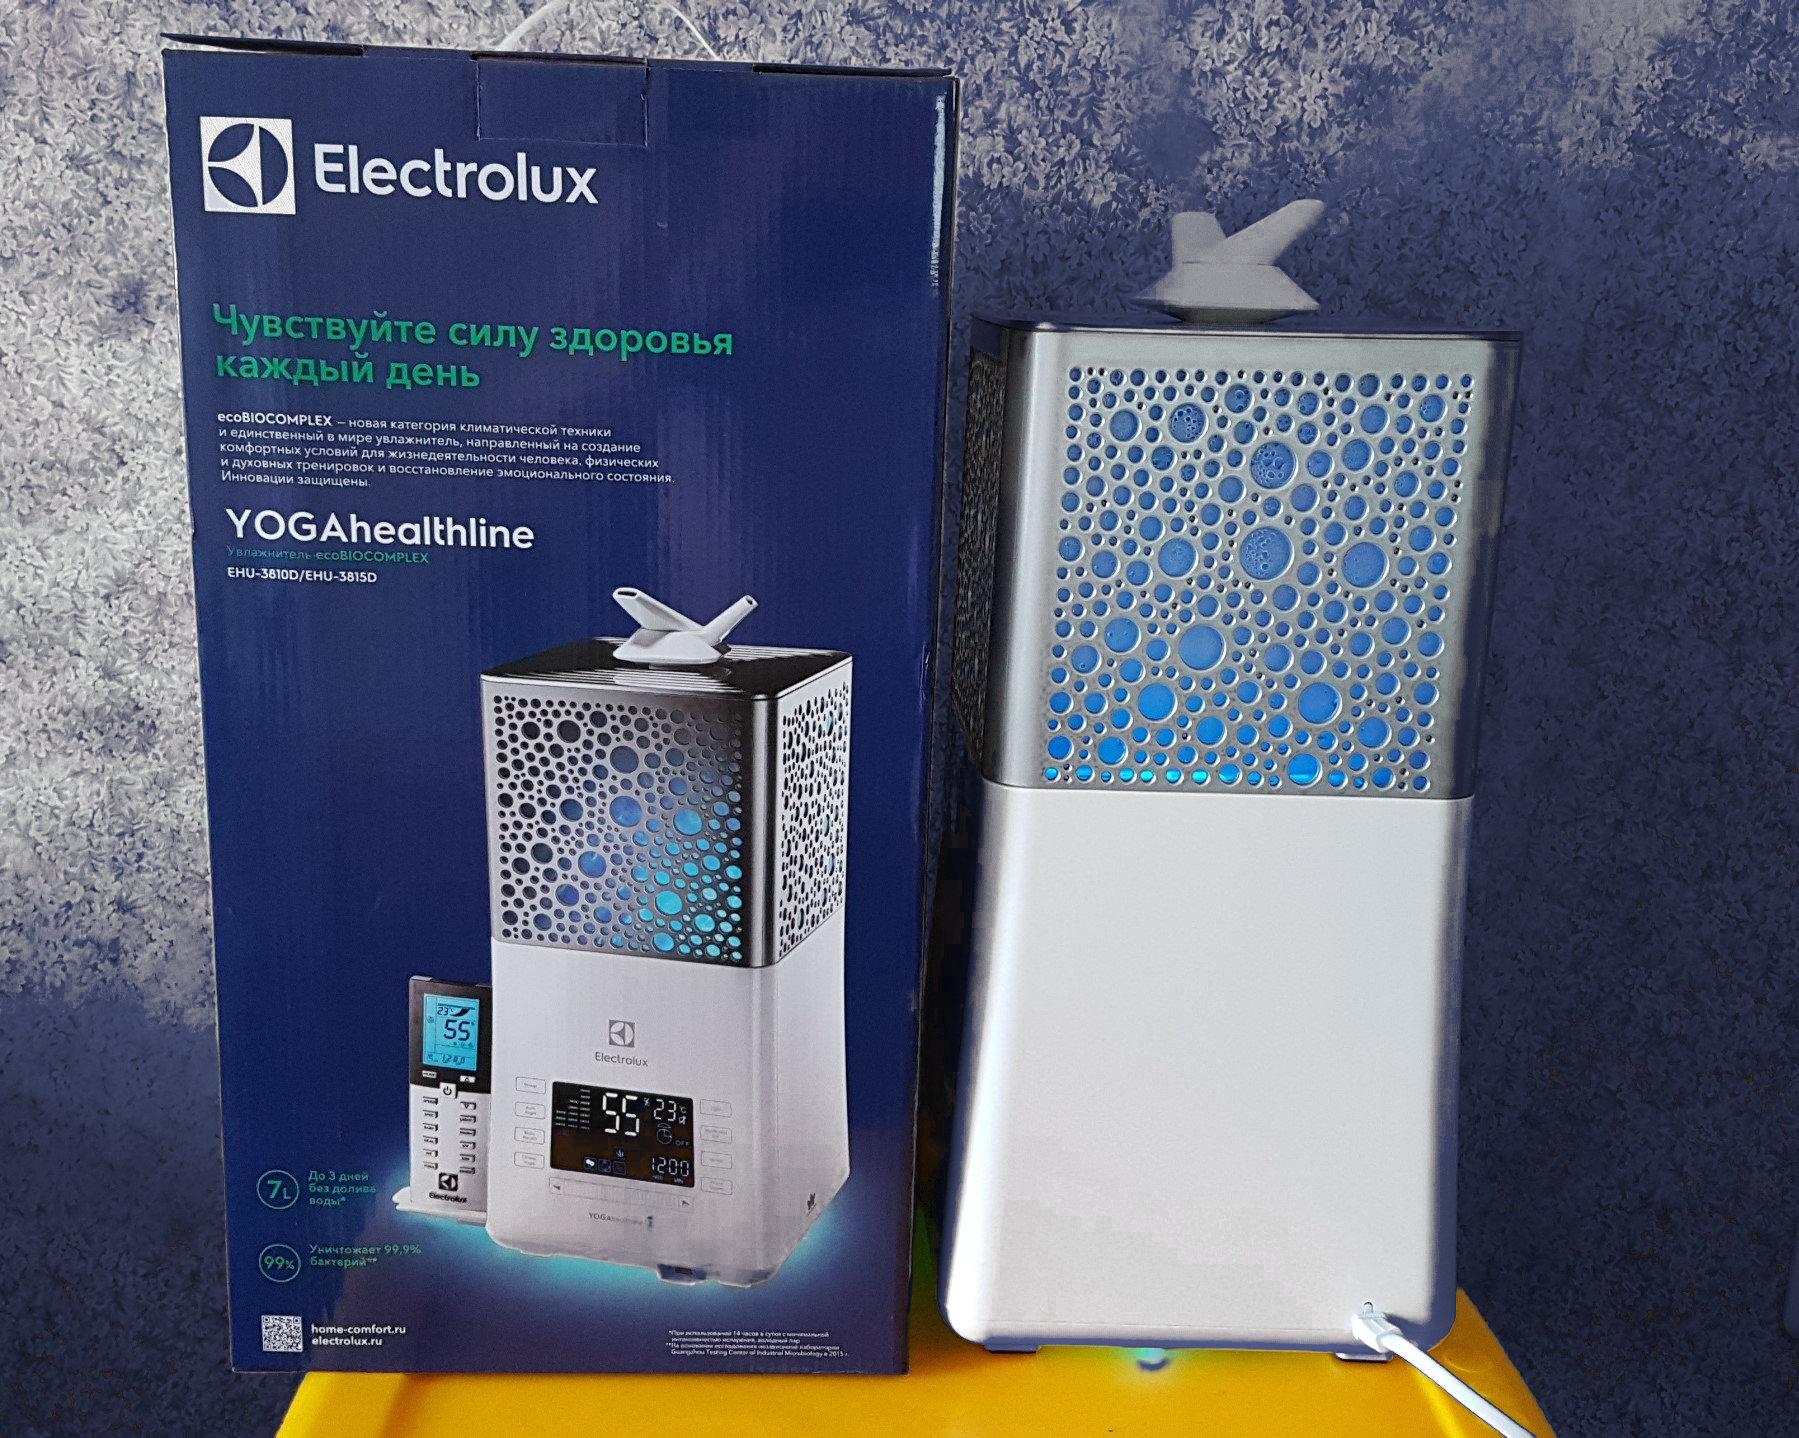 третий в рейтинге 2018 Electrolux YOGAhealthline EHU 3815D